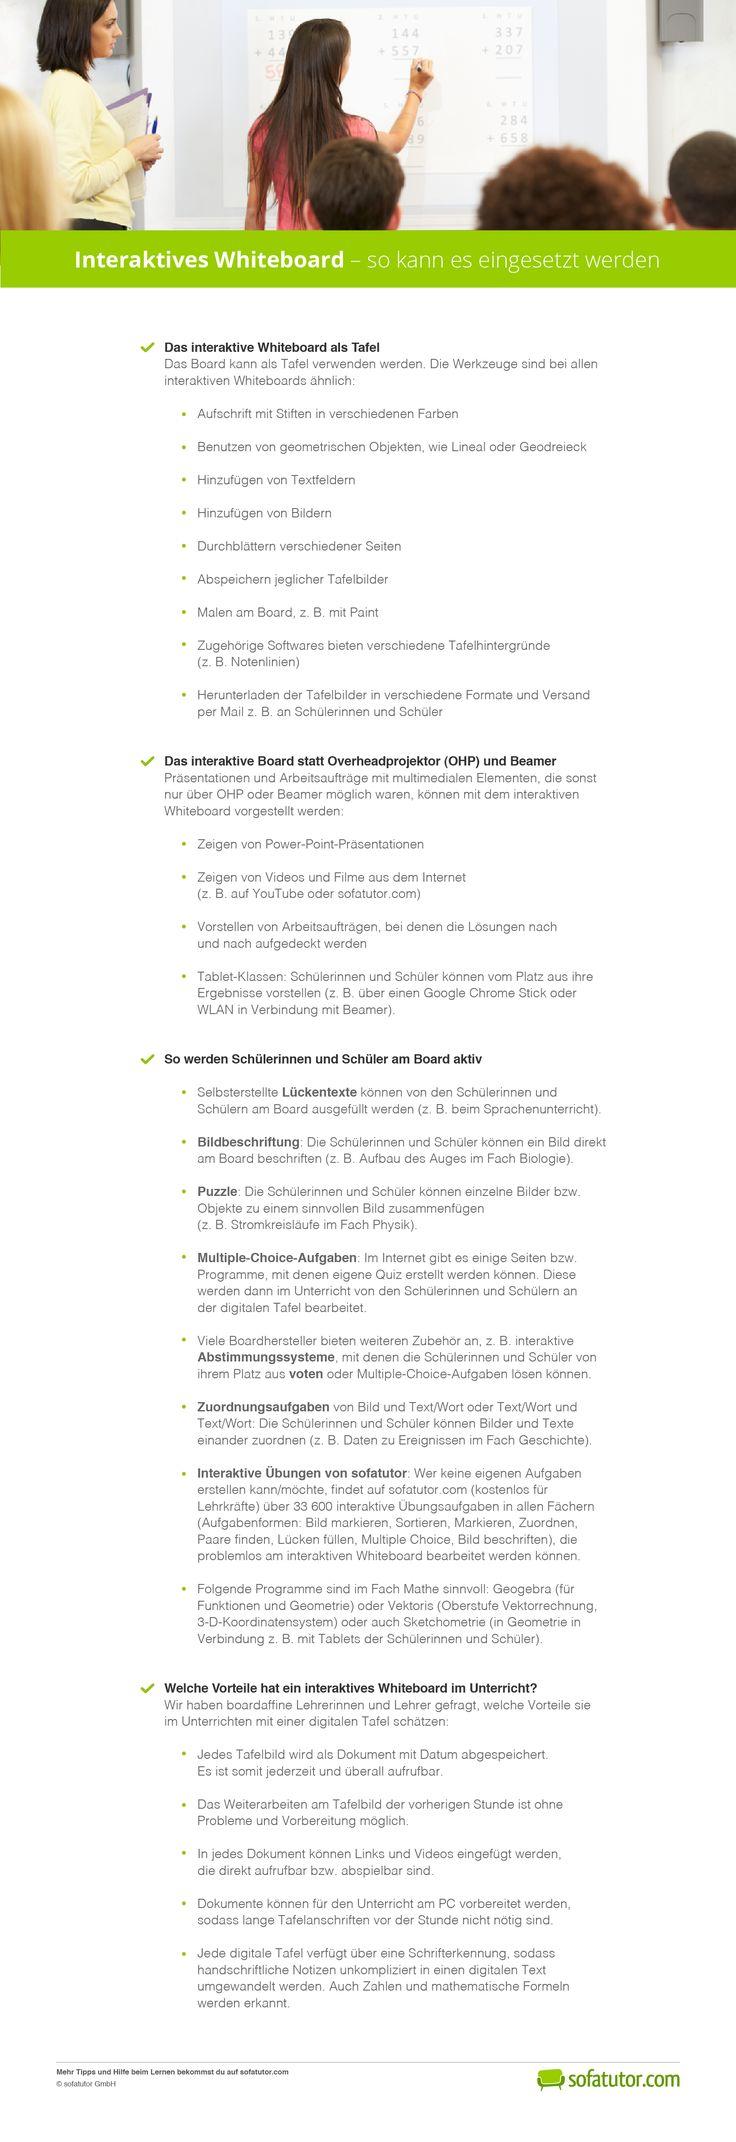 Das interaktive Whiteboard ist für manche Lehrerinnen und Lehrer Fluch und Segen zugleich: Wir zeigen Ihnen, wie Sie die digitale Tafel schnell, einfach und effektiv nutzen. Das passende PDF kann hier kostenlos heruntergeladen werden: http://magazin.sofatutor.com/lehrer/2016/03/24/interaktives-whiteboard-so-kann-es-eingesetzt-werden/